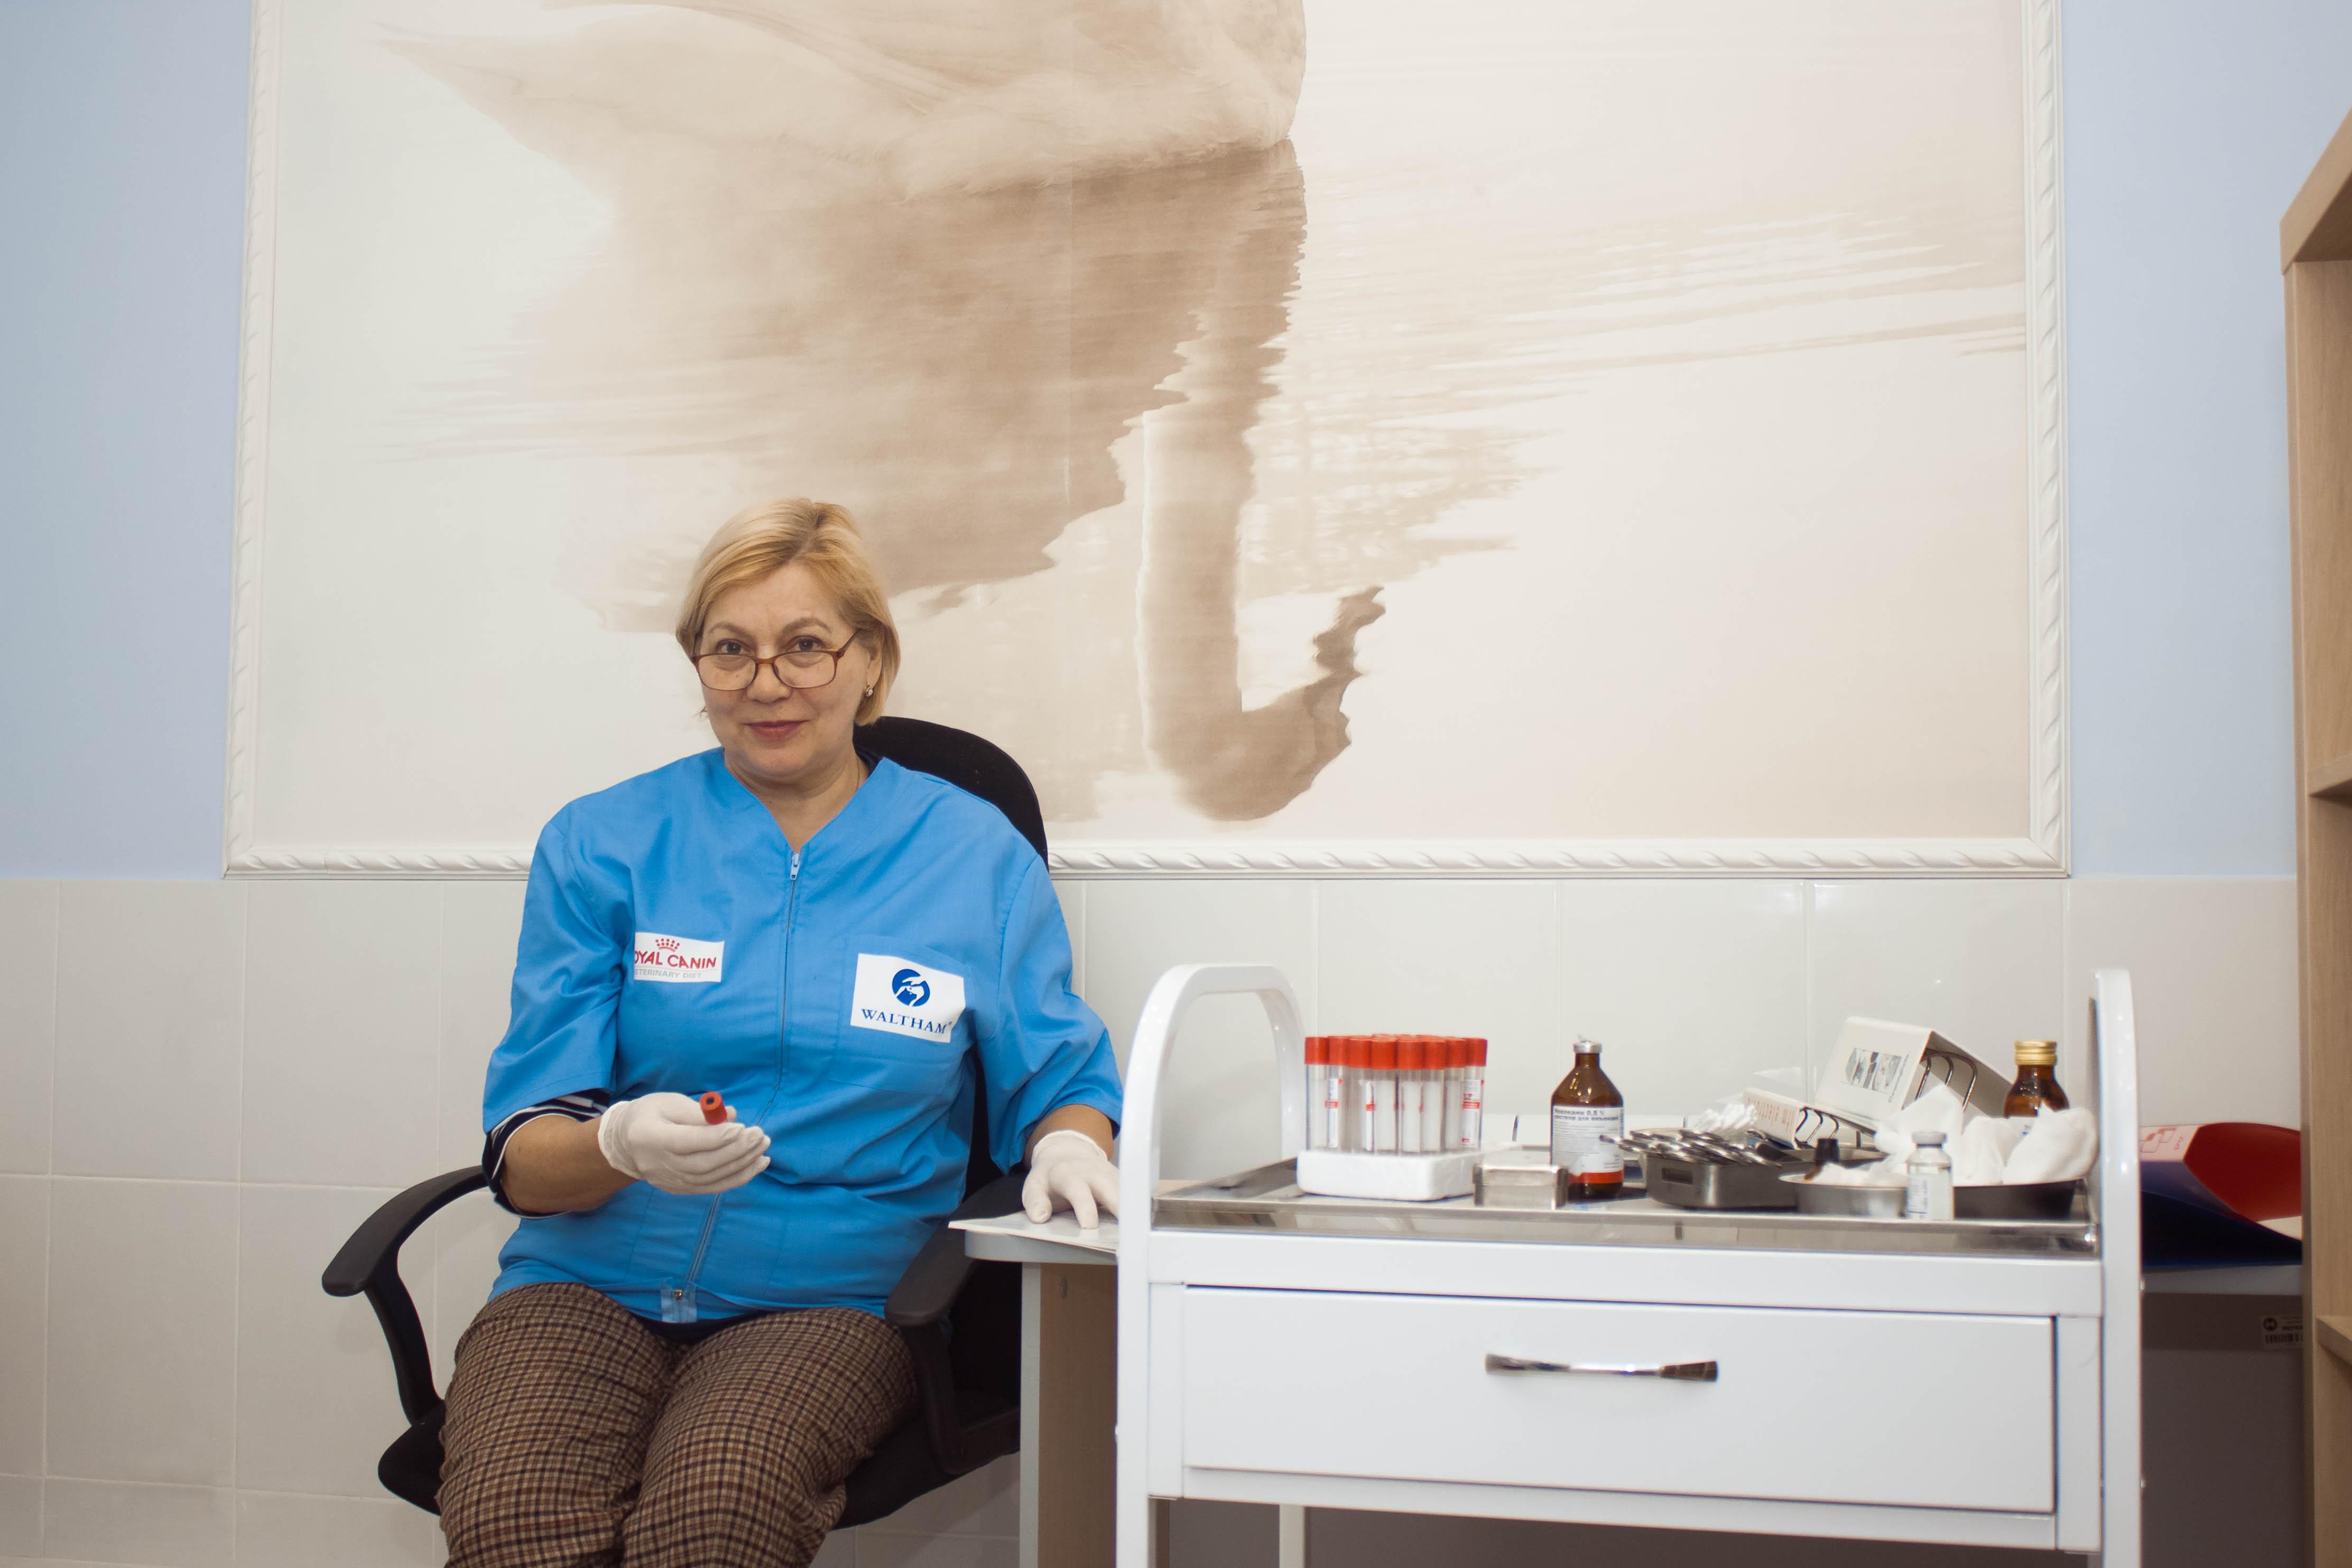 Ирина Анатолевна Лебедева . профессор,.Генетик,репродуктолог диетолог, врач лабораторной диагностики